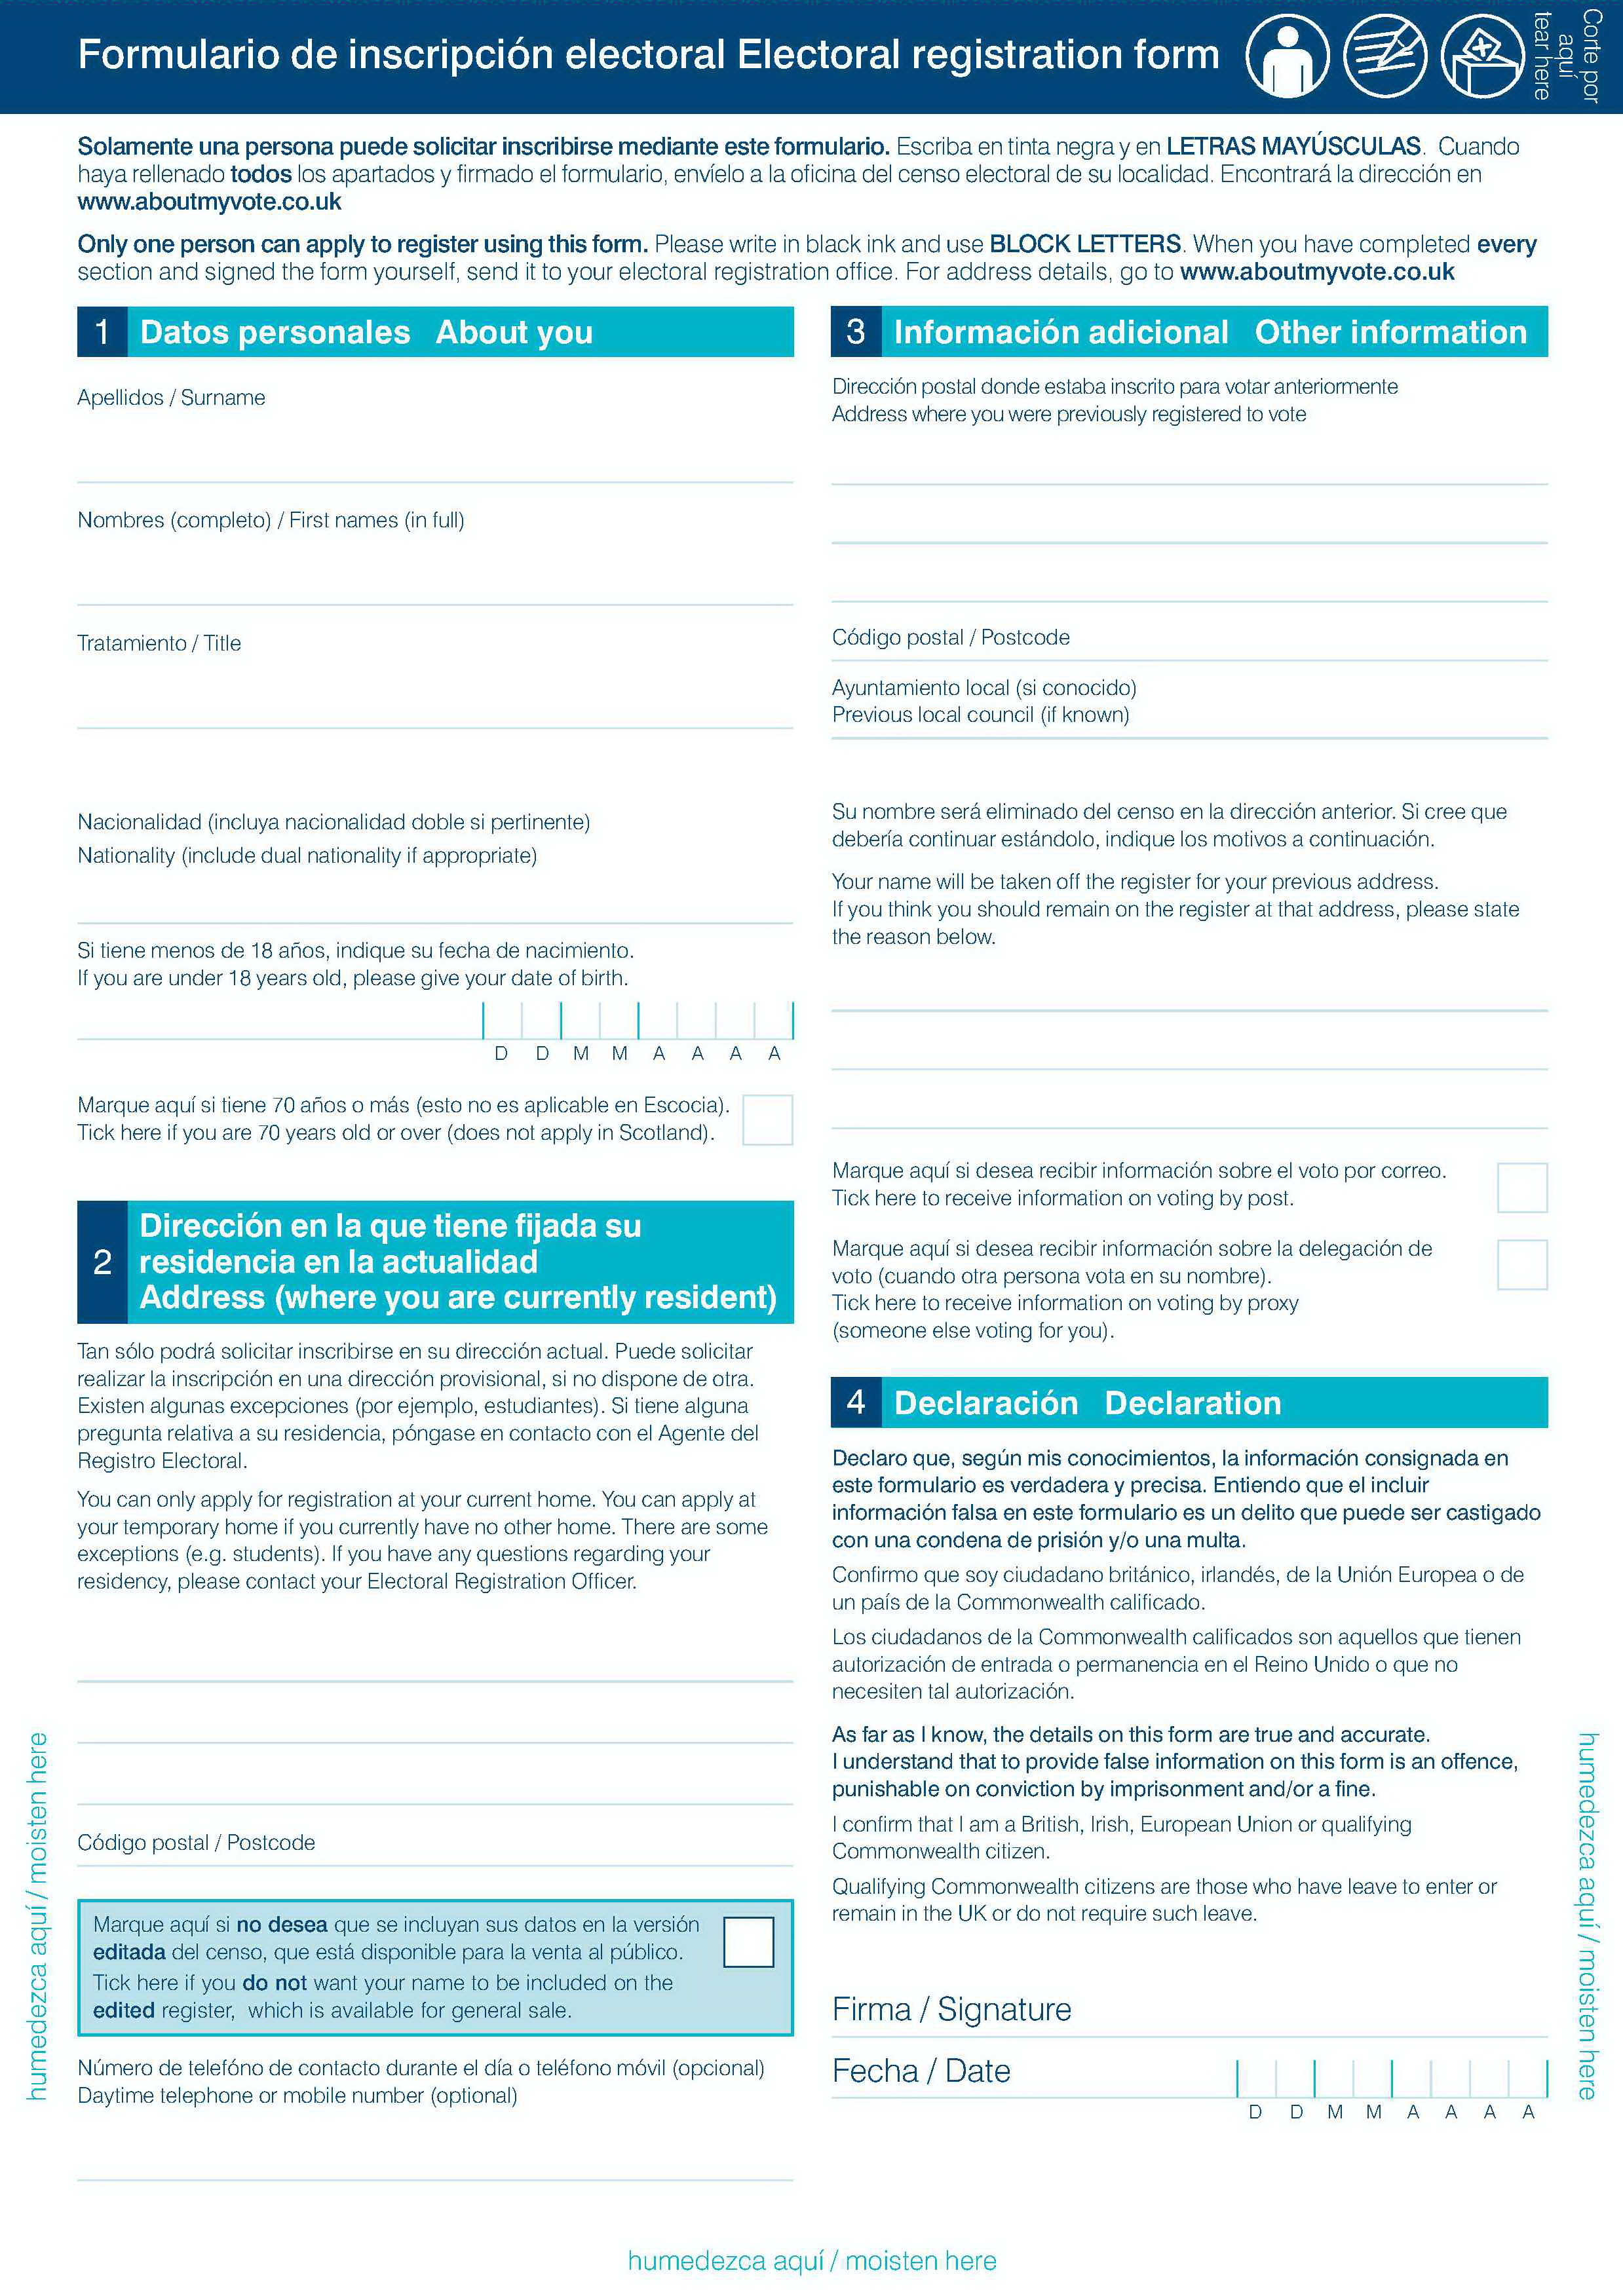 Formulario de inscripción electoral en español